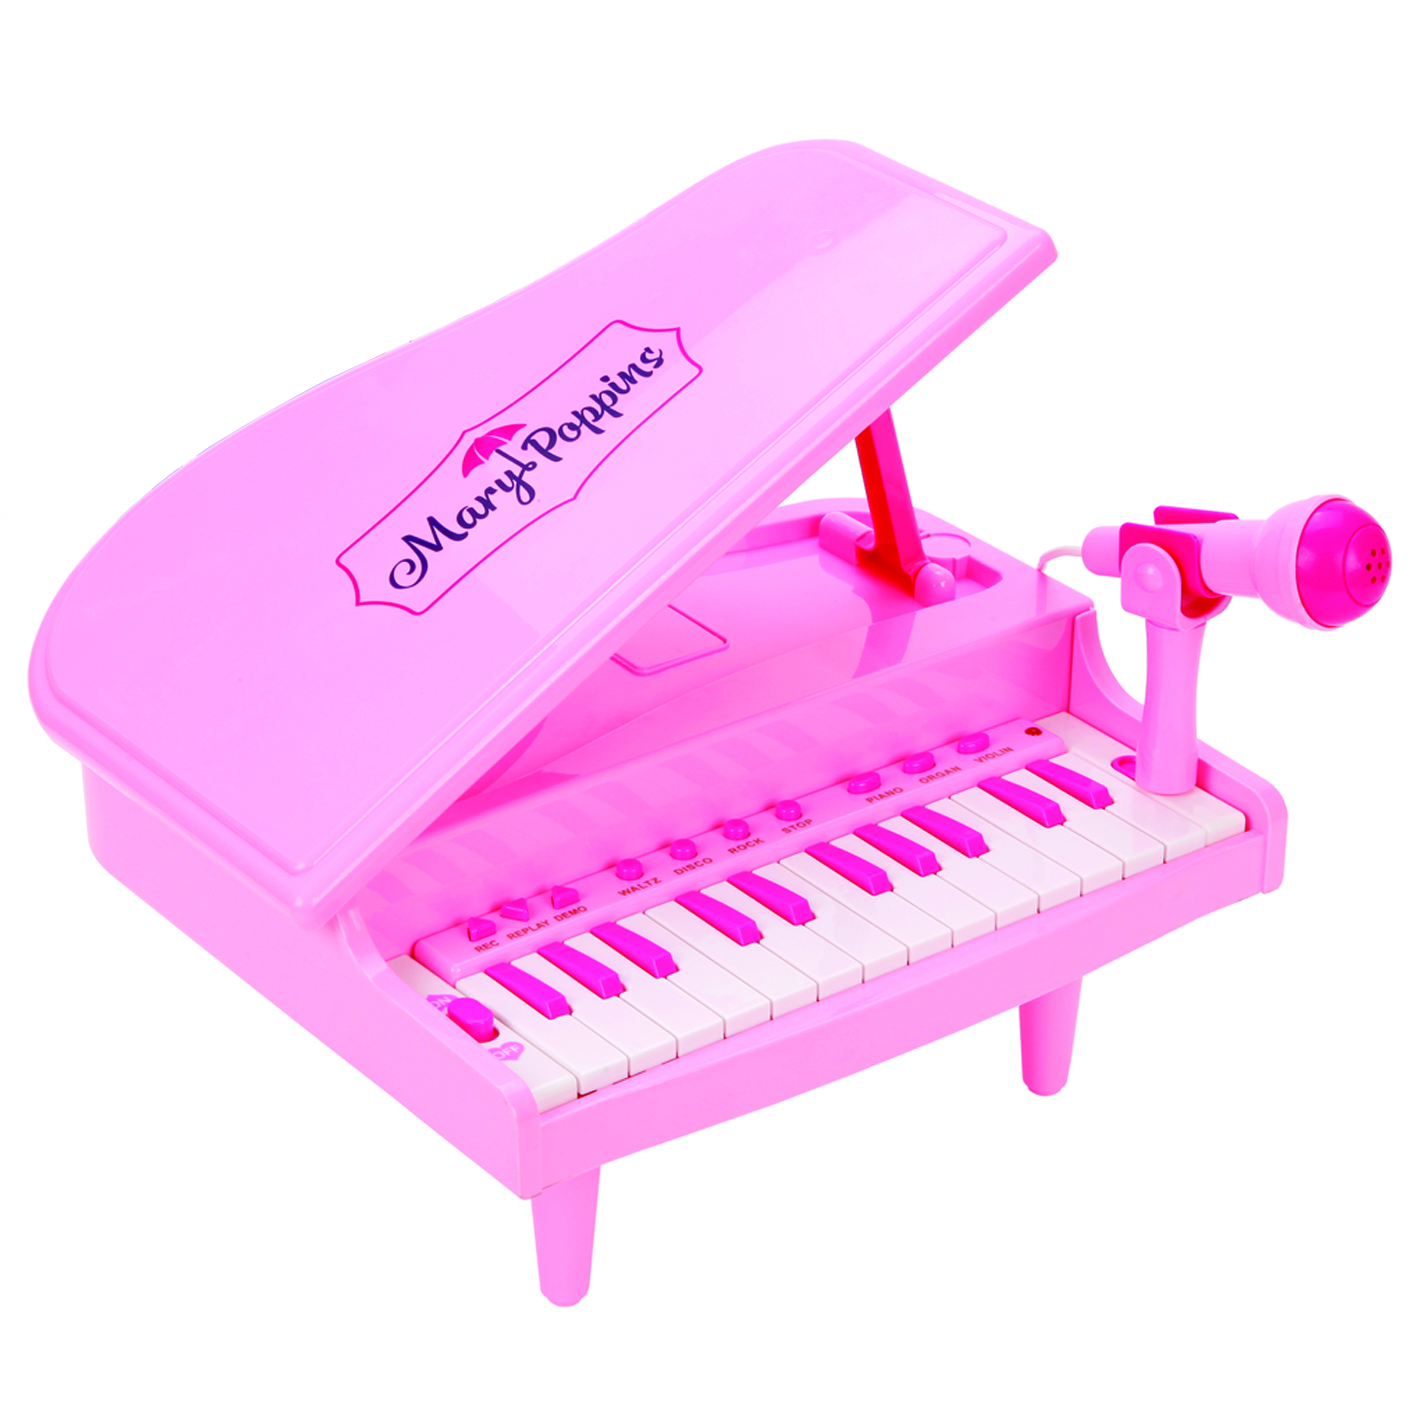 Синтезатор Mary Poppins Волшебный рояль с микрофоном детский музыкальный инструмент сима ленд синтезатор с микрофоном музыкант green 1689051